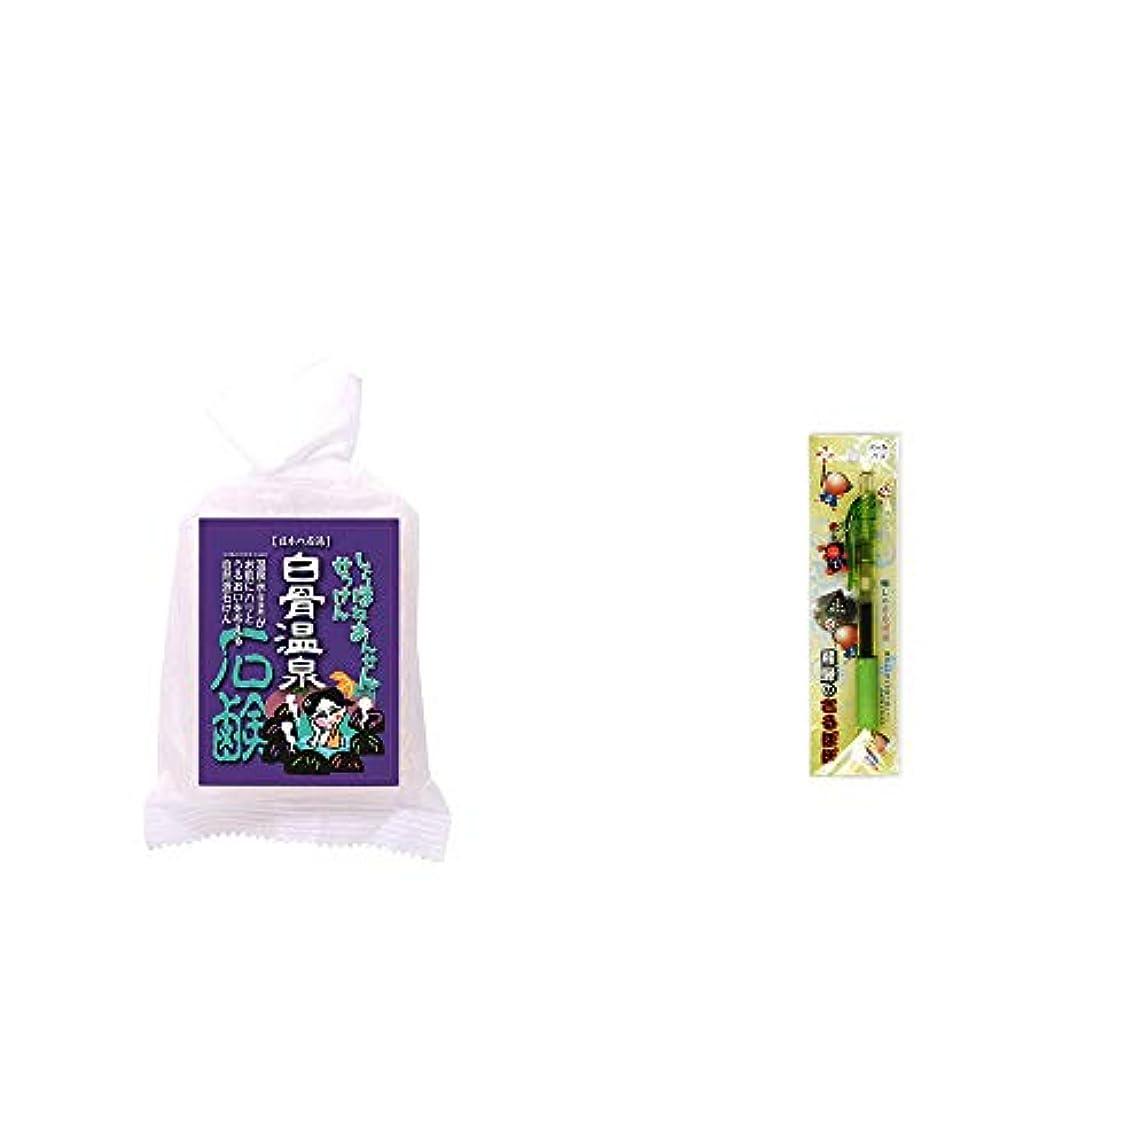 マーカー靄神経[2点セット] 信州 白骨温泉石鹸(80g)?さるぼぼ 癒しボールペン 【グリーン】